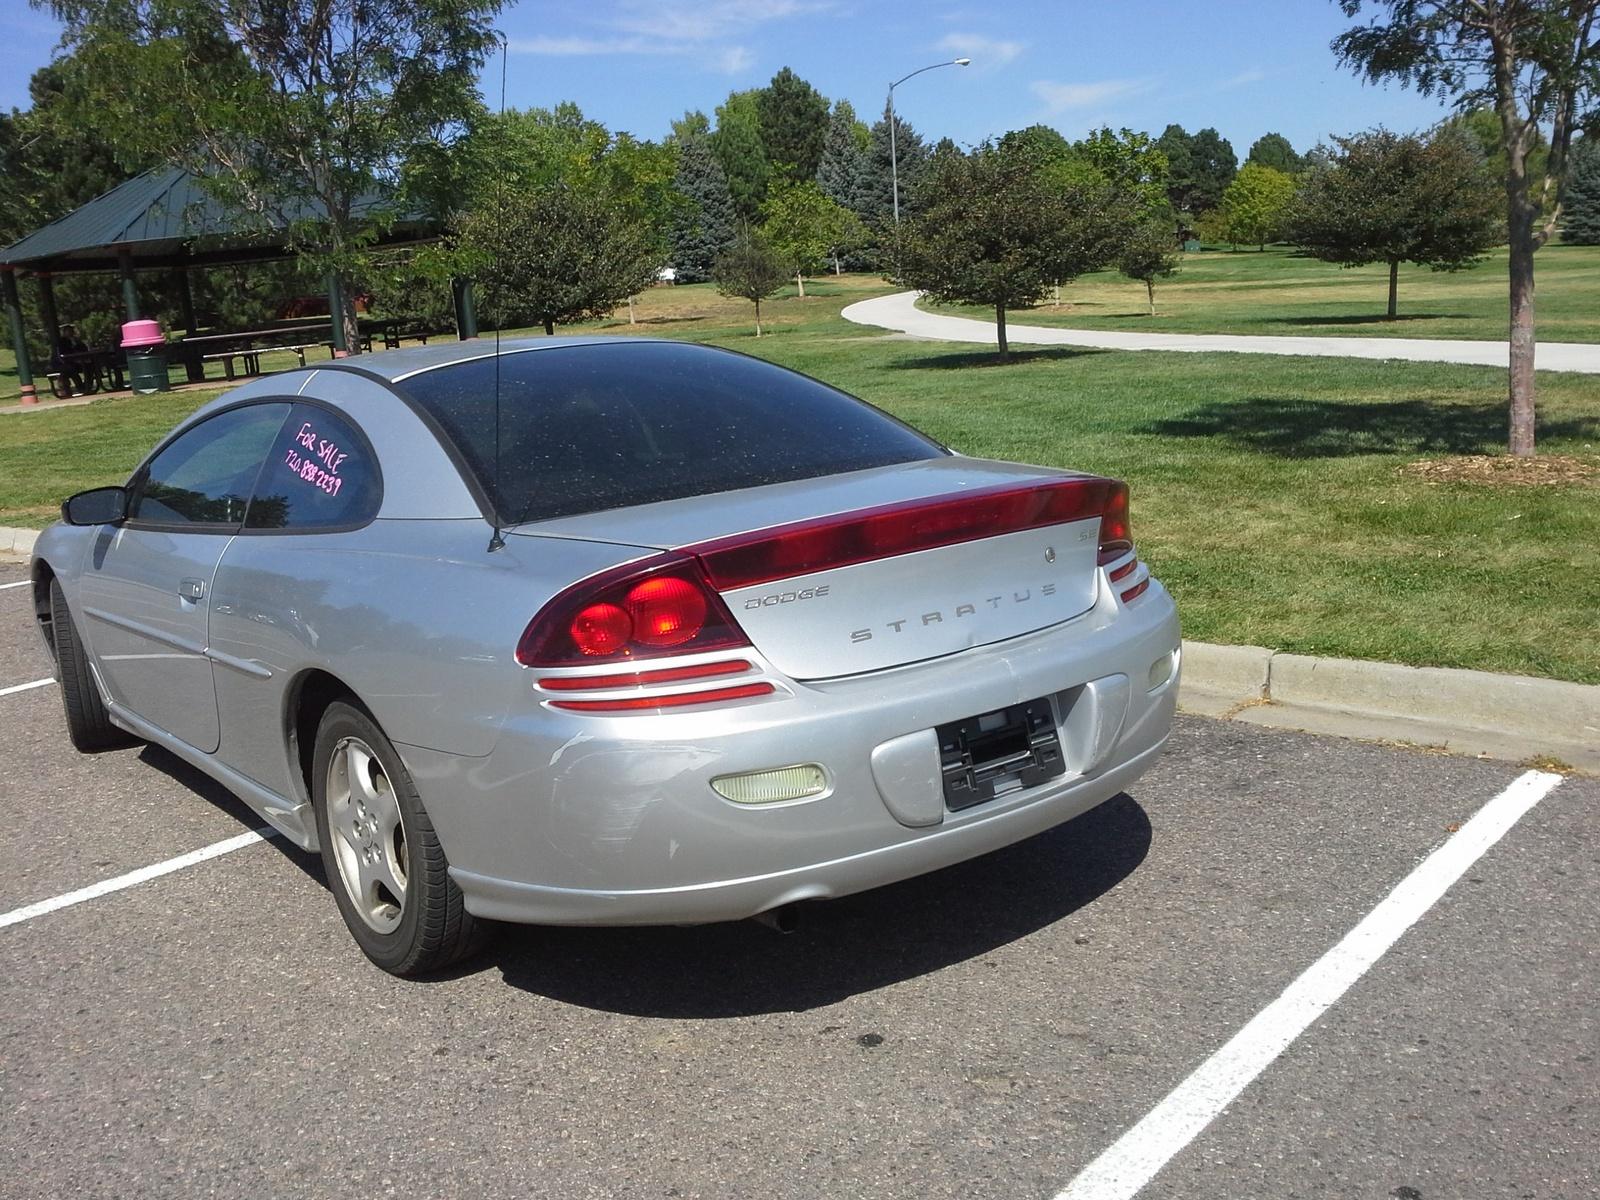 2002 Dodge Stratus - Pictures